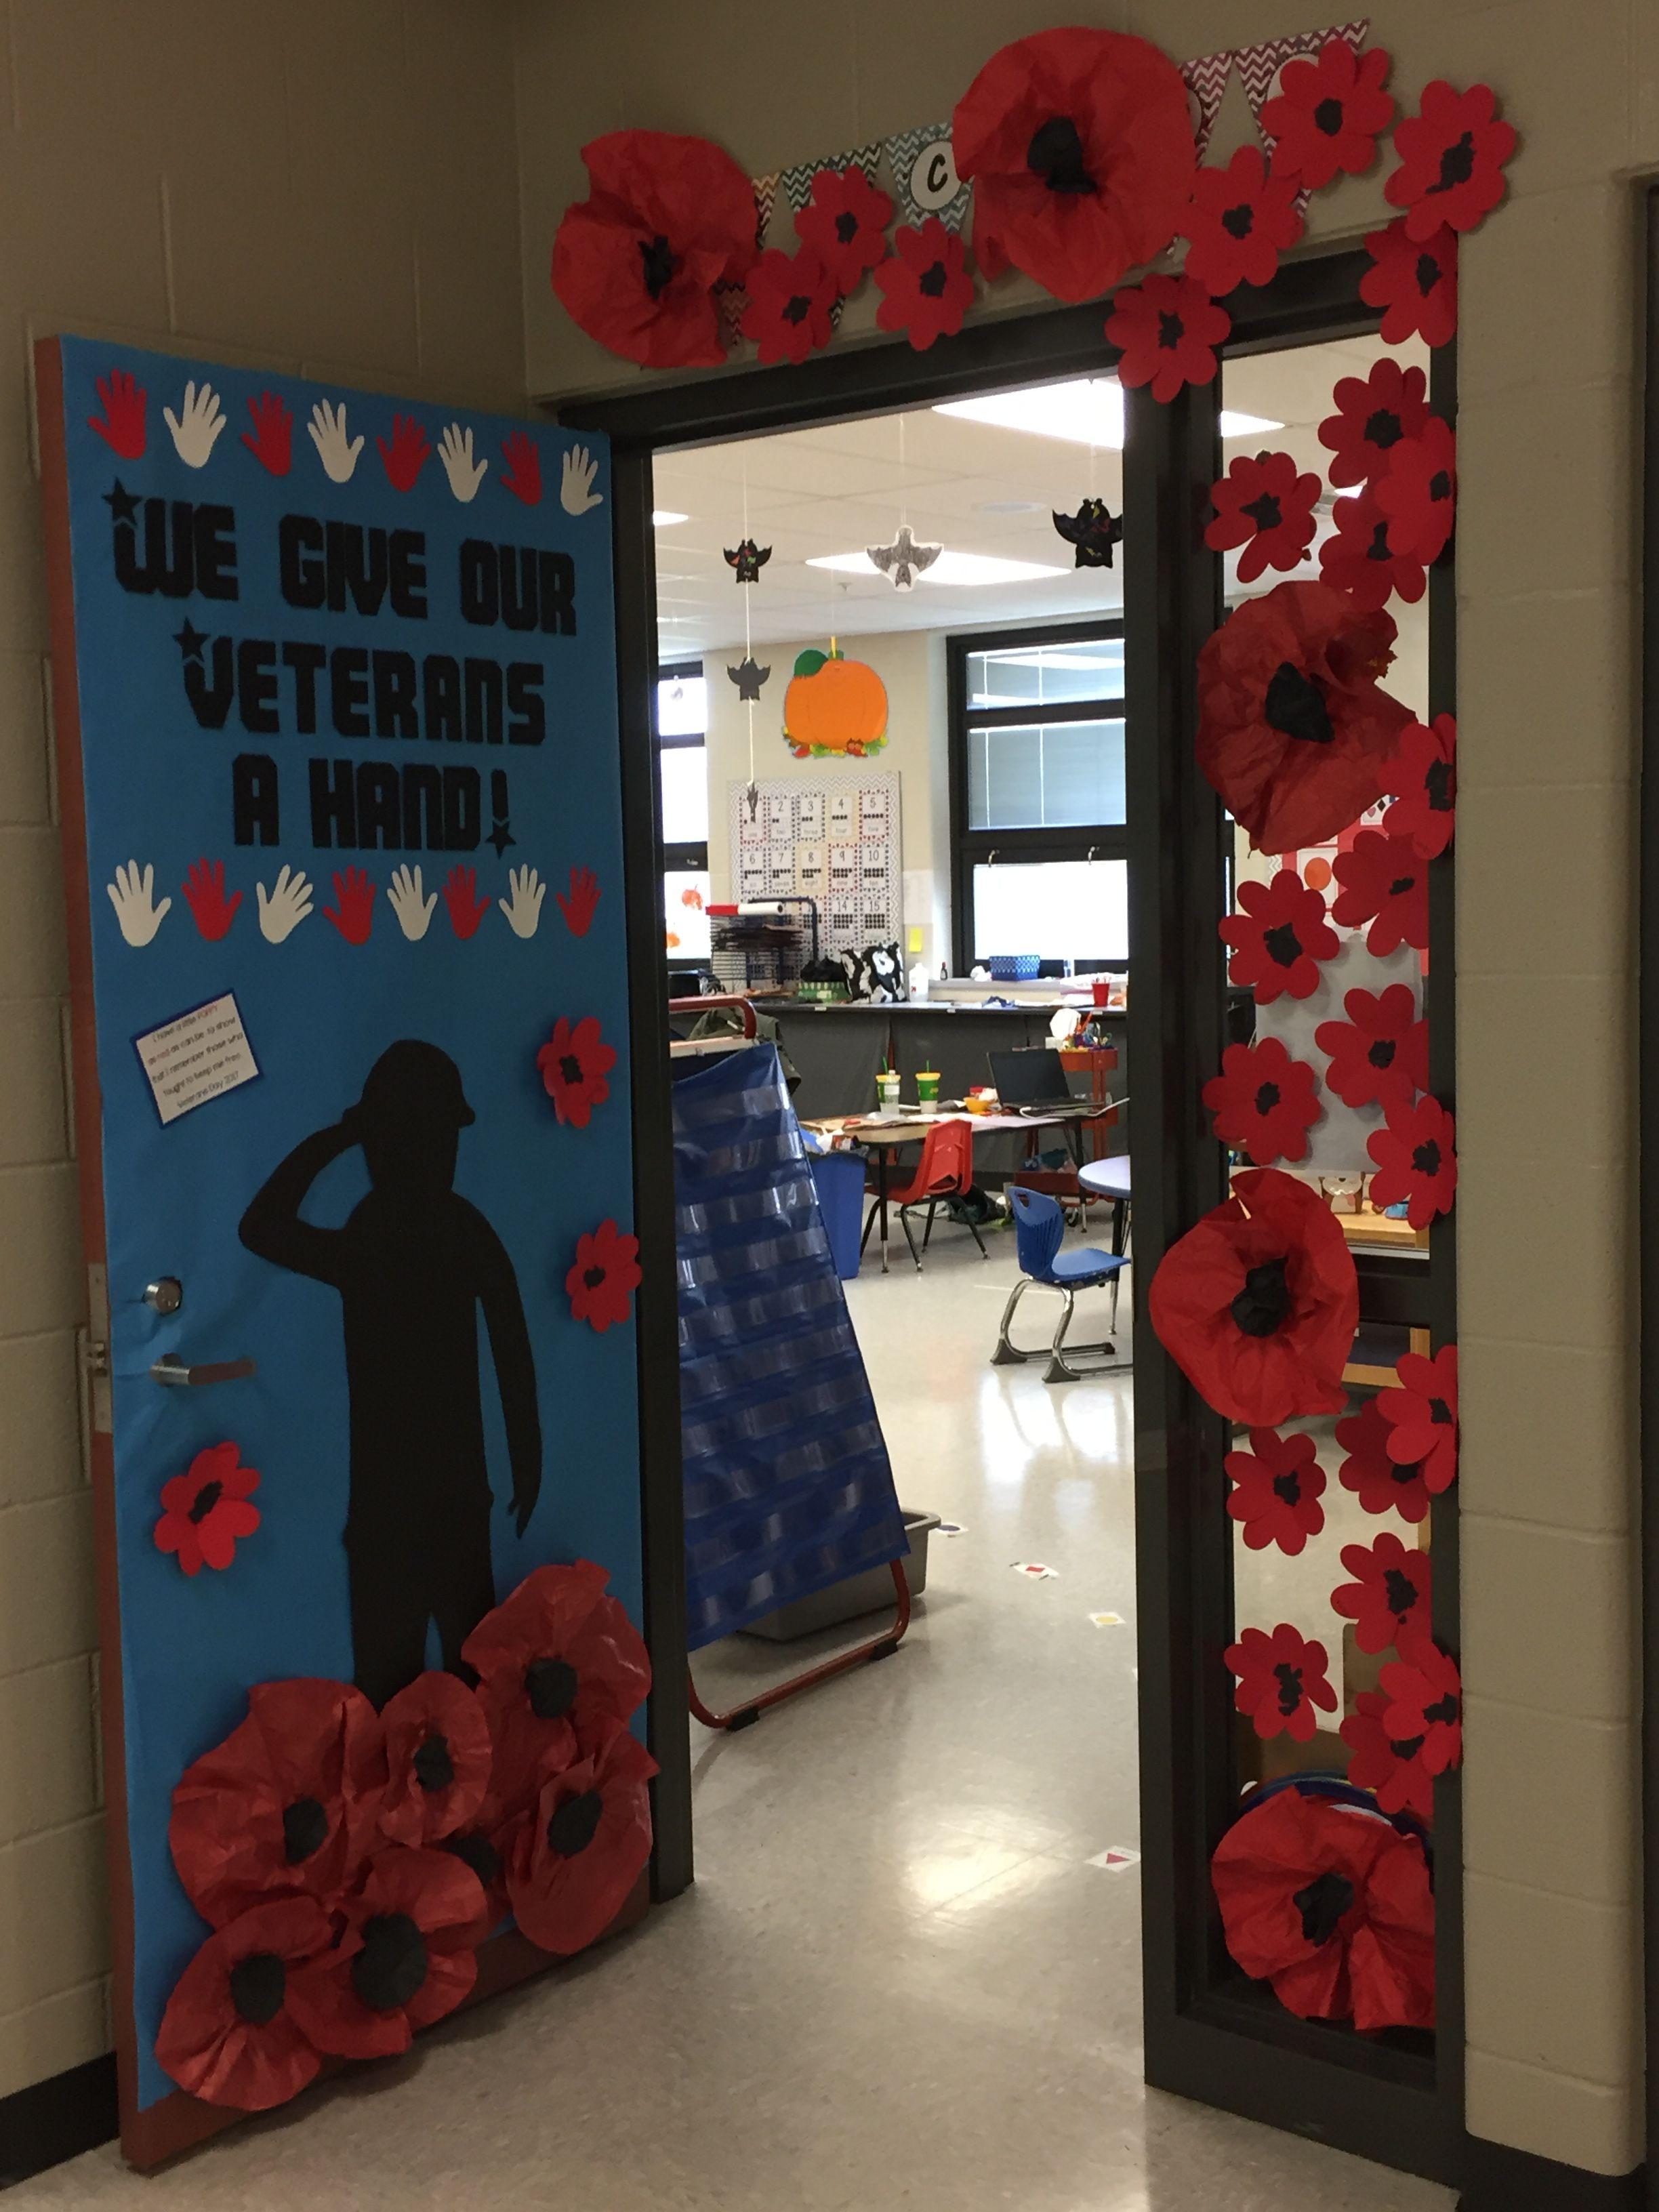 Veterans Day Preschool Door With Poppy S Veterans Day Poppy Veterans Day Coloring Page Veterans Day Celebration